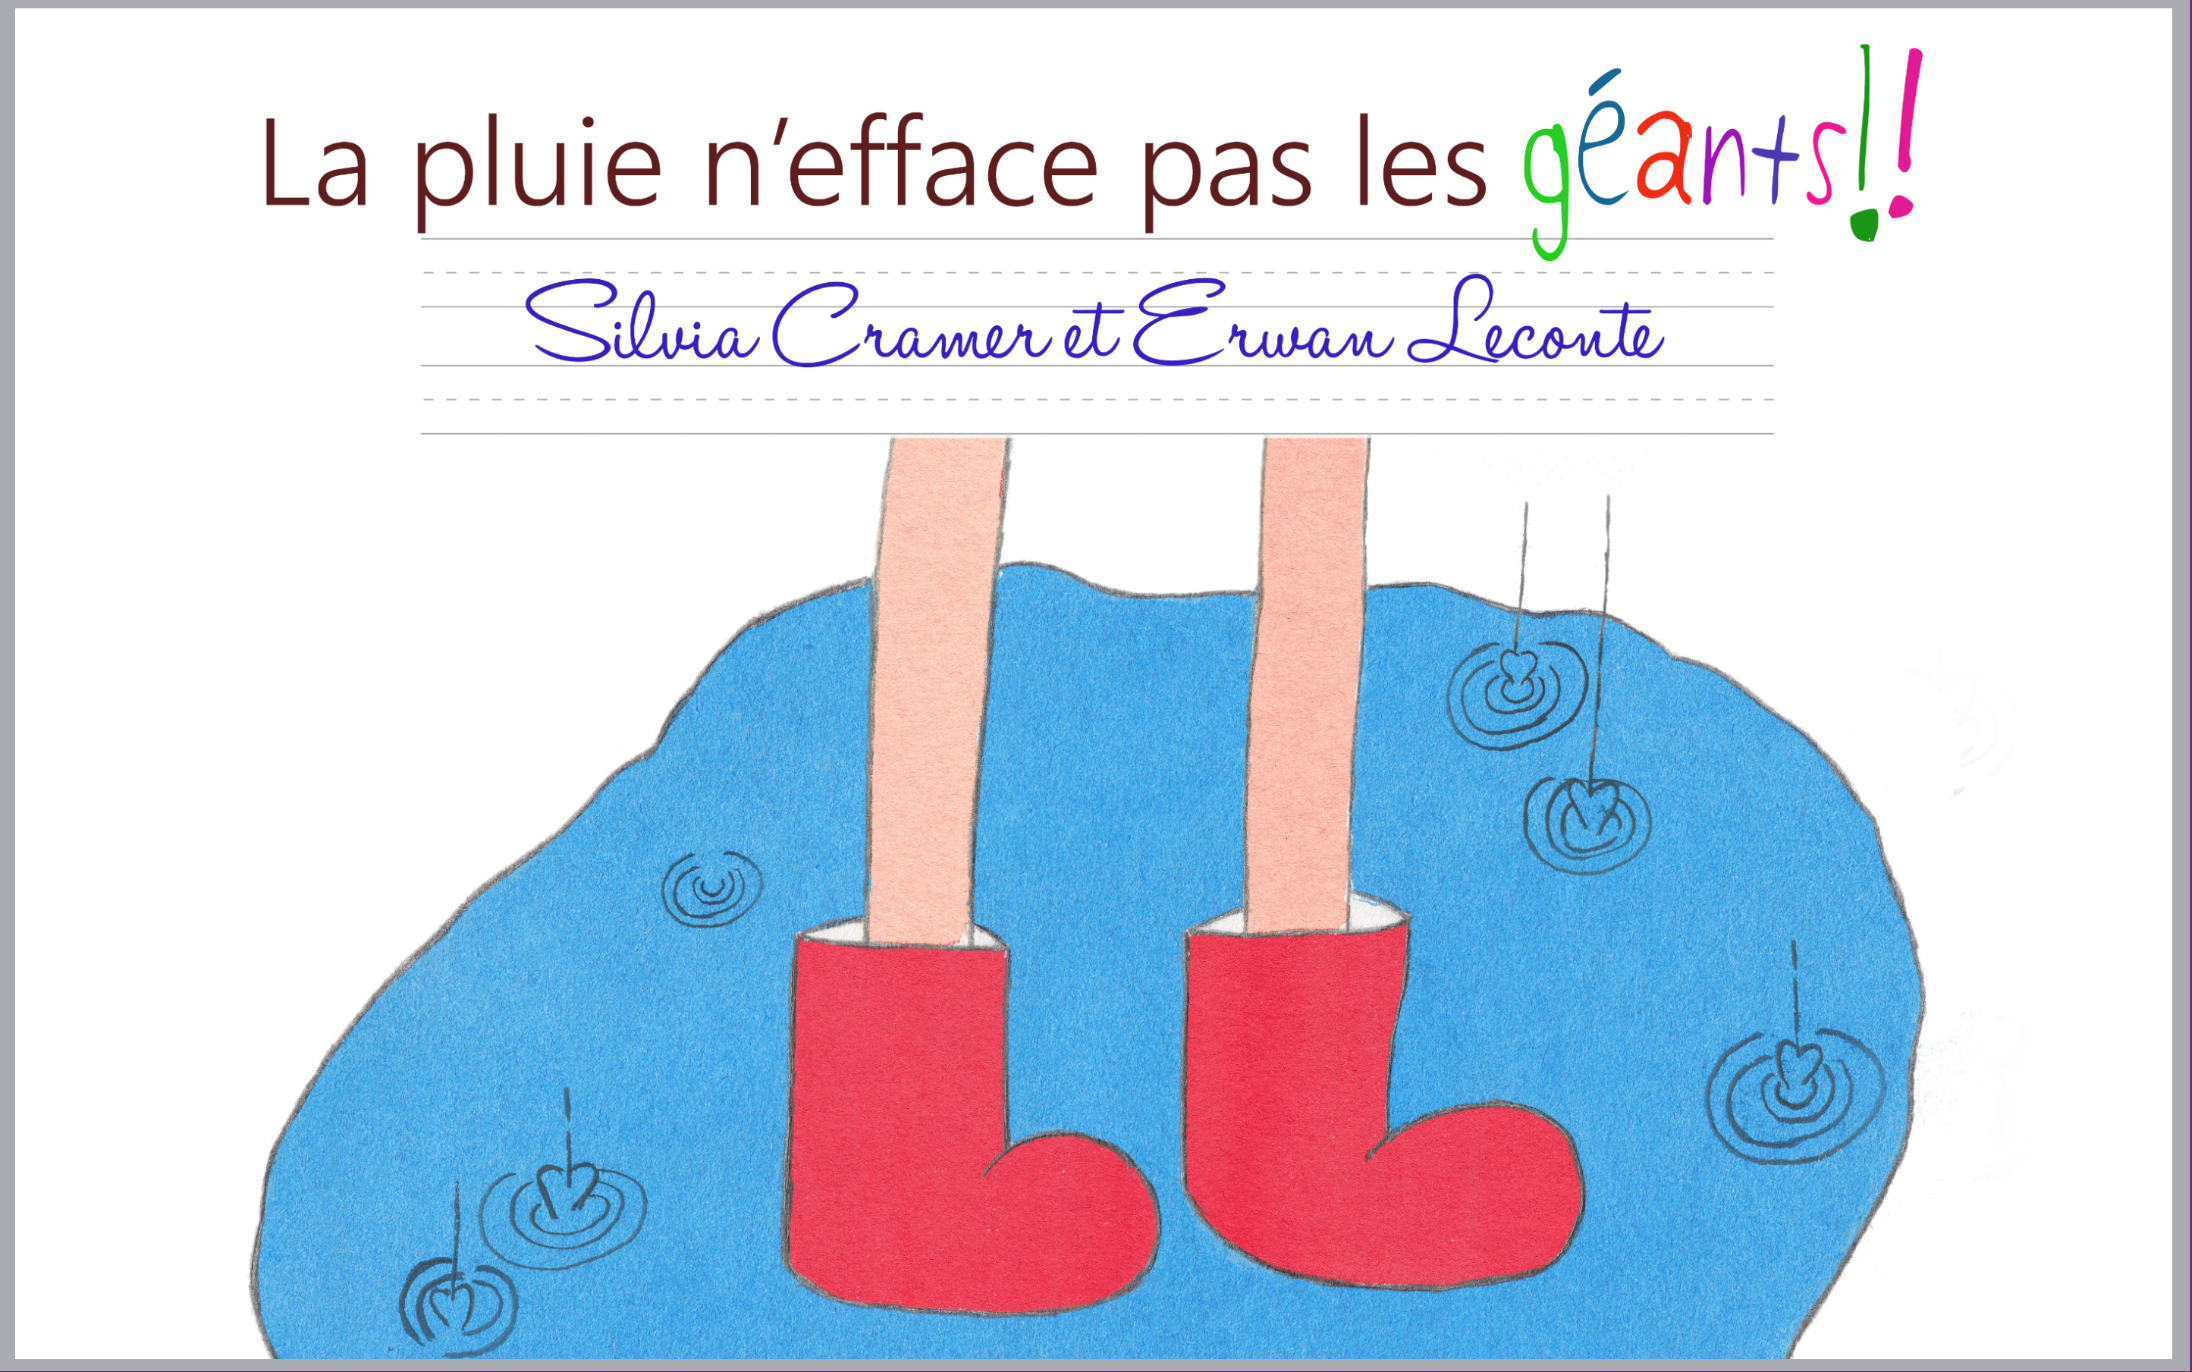 La pluie n'efface pas les géants, par Silvia Cramer et Erwan Leconte